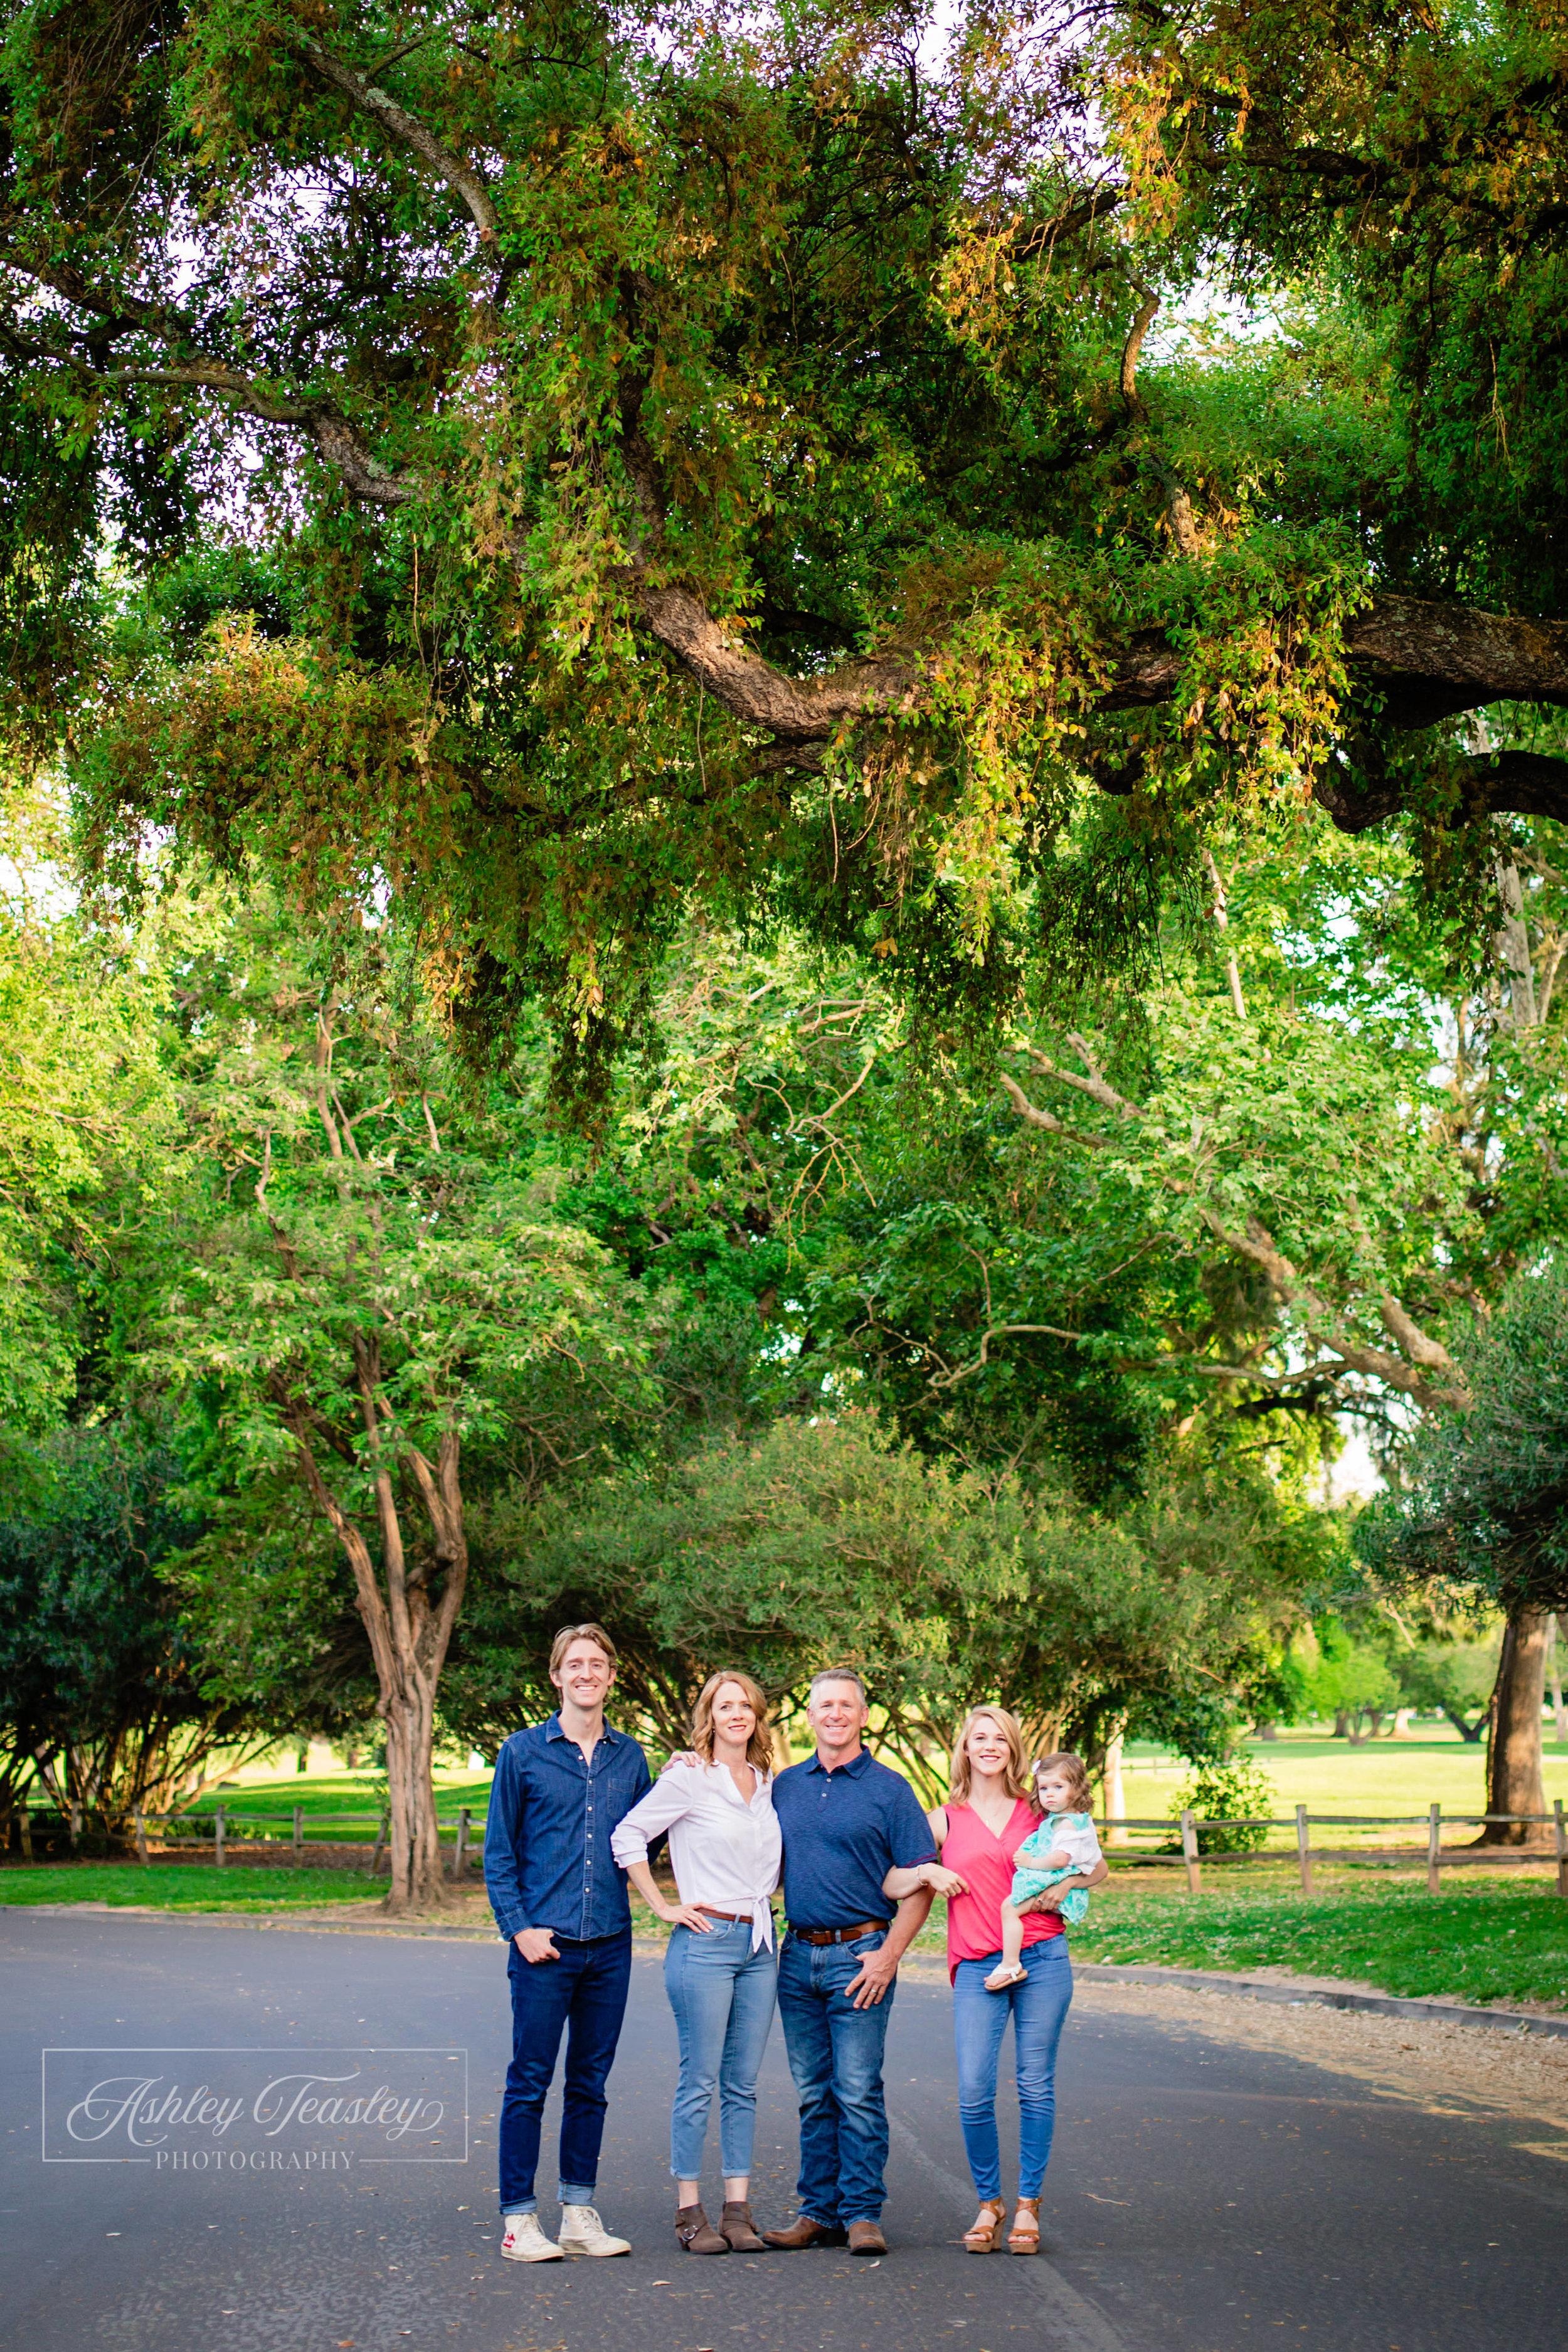 Jurach Family - William Land Park - Sacramento Family & Wedding Photographer - Ashley Teasley Photography-.jpg